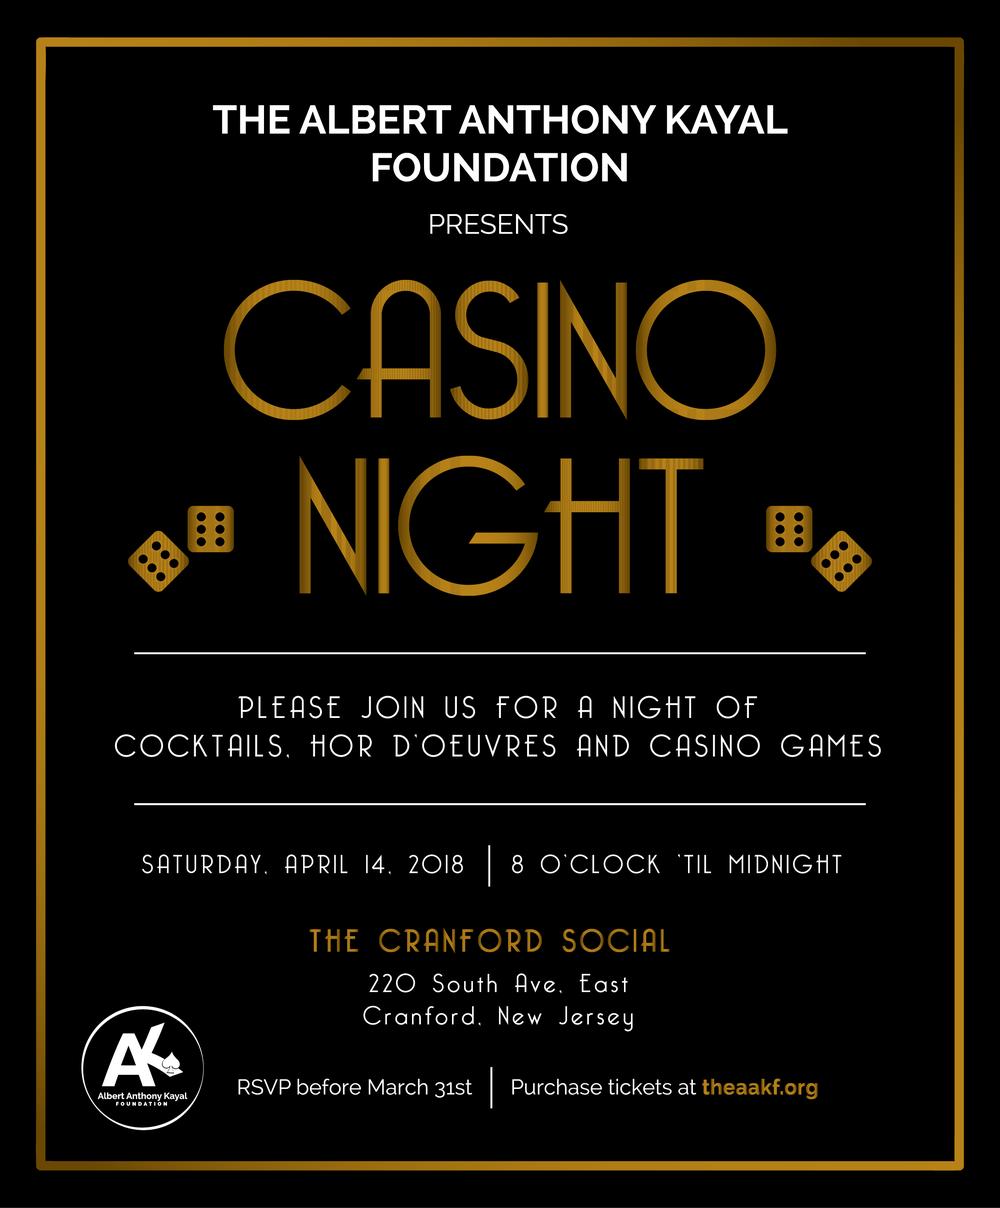 CasinoNight_invite-01.png